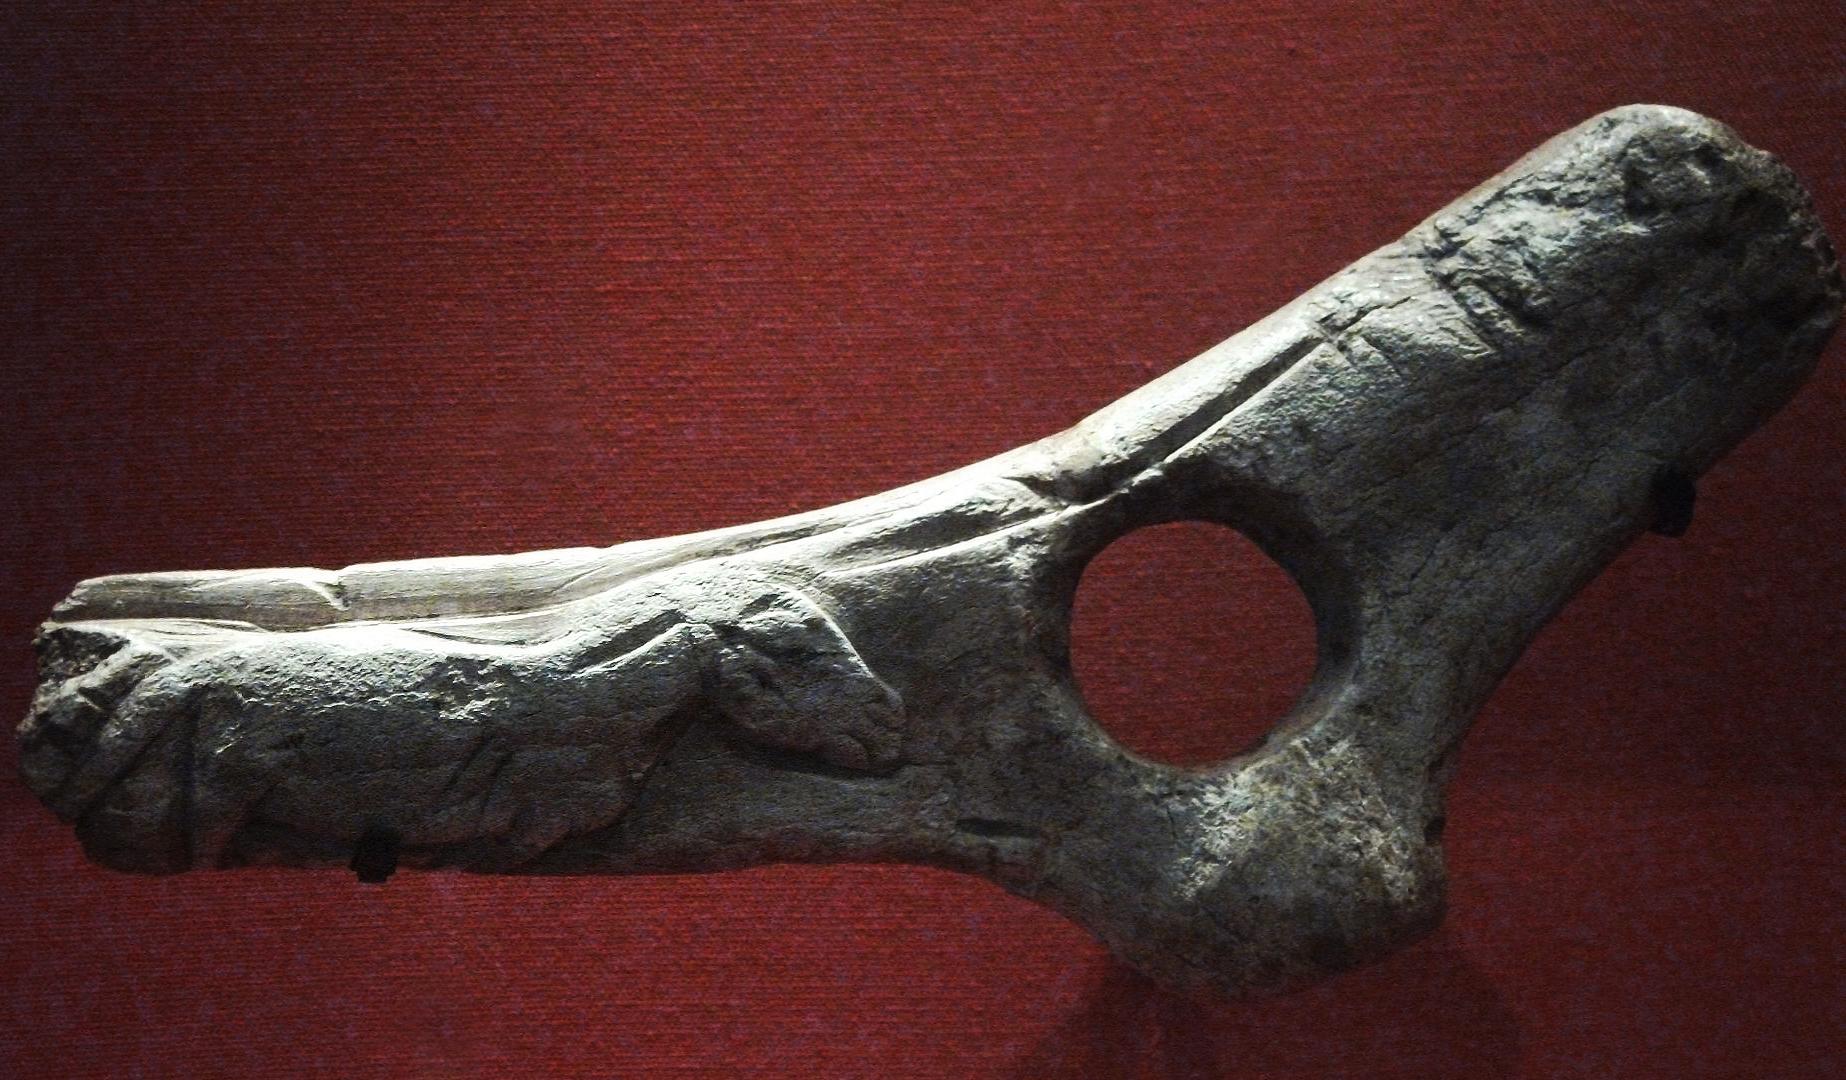 The Prehistoric Baton artefact